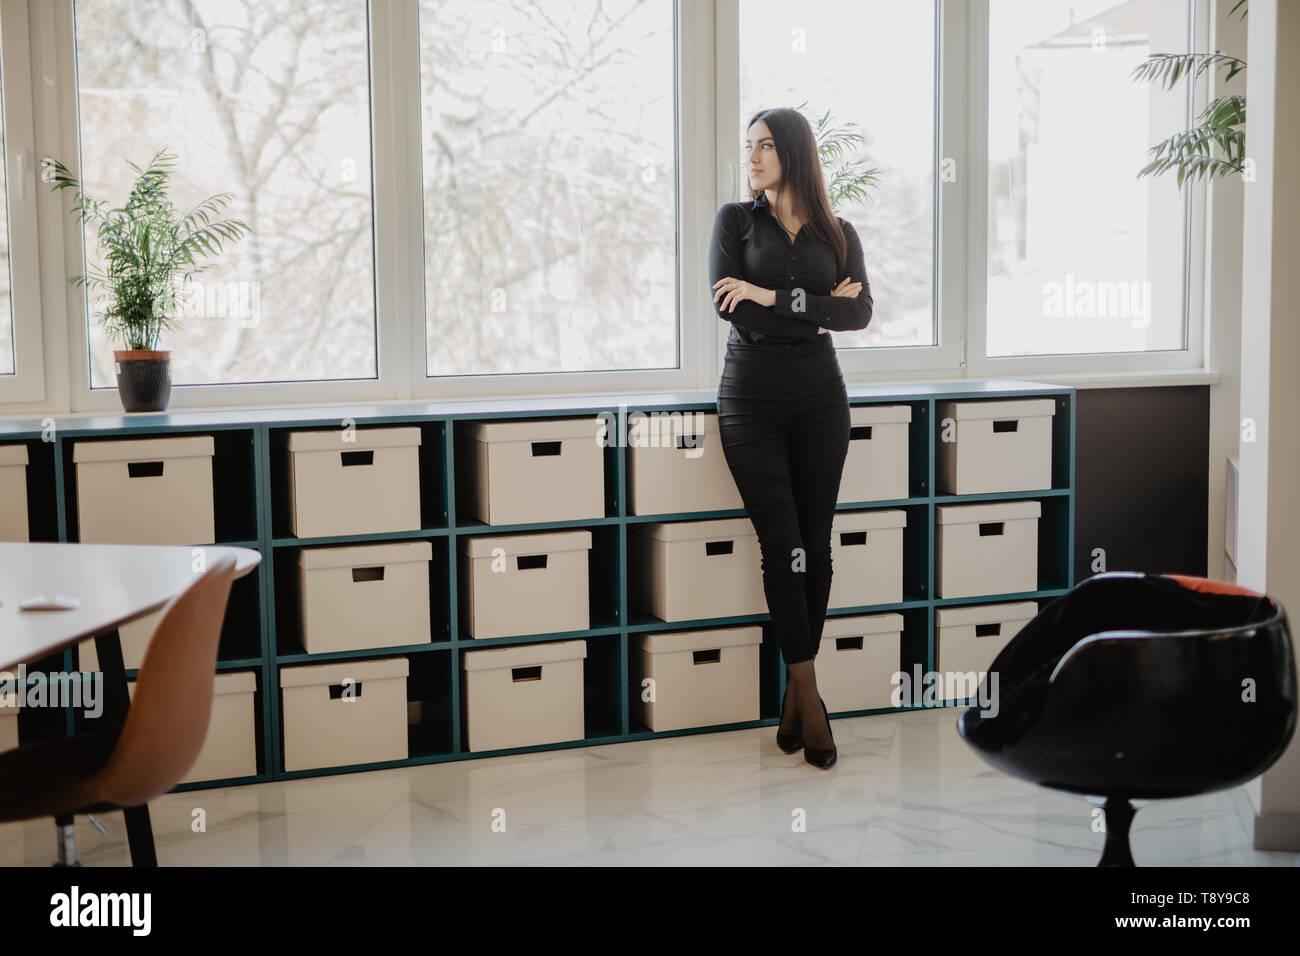 Smiling business woman standing with folded arms in office. Femme en tenue d'affaires formel debout devant son bureau en bureau. Banque D'Images